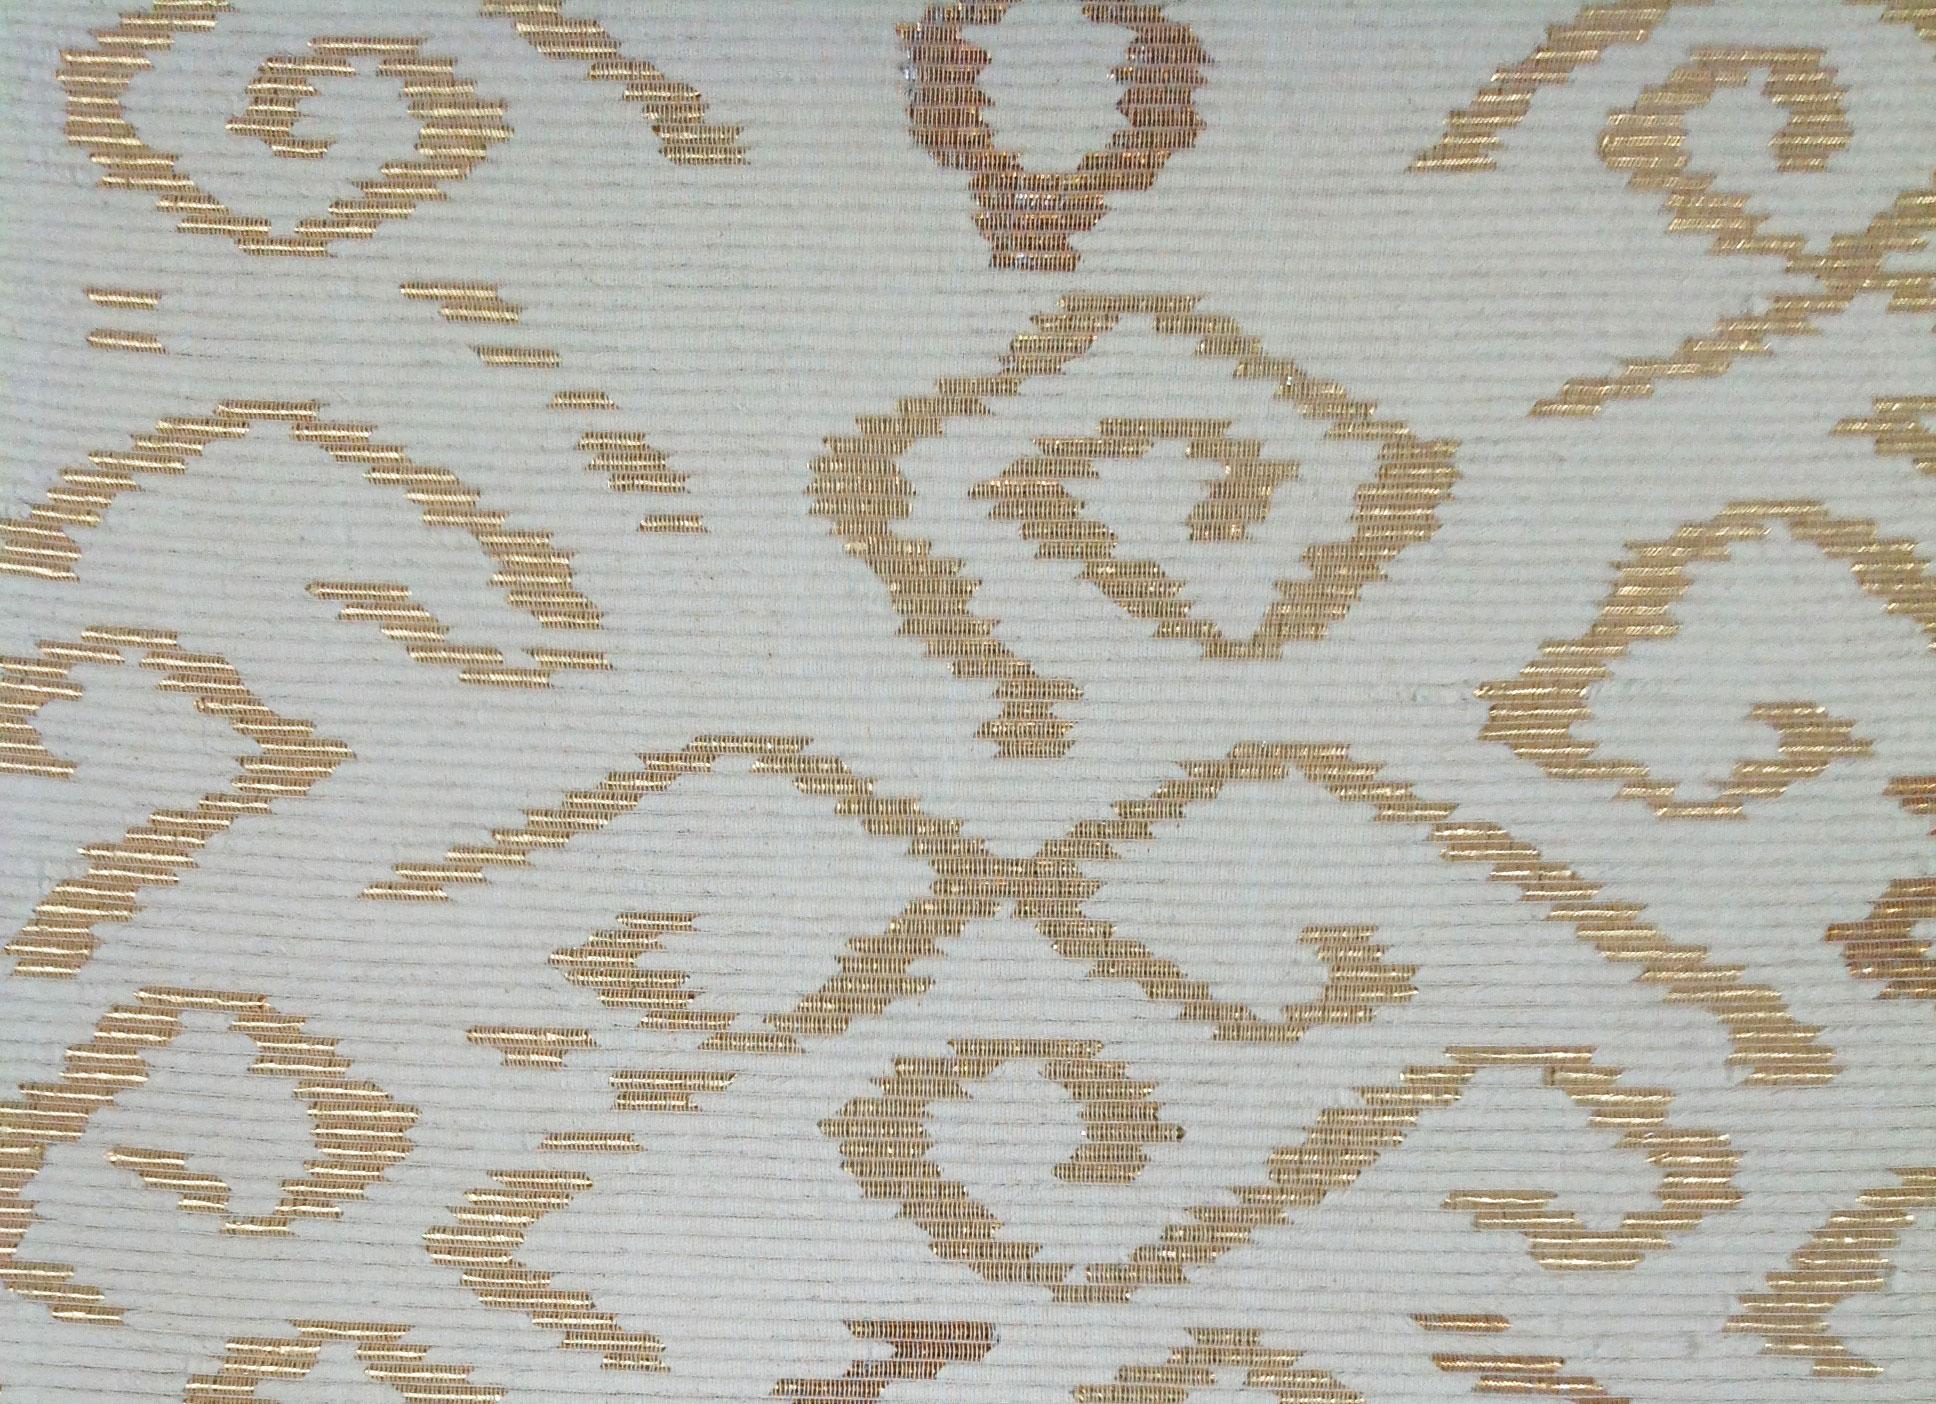 VÁLTOZÁS - Tervező: Pirók IrénrészletGyártó: Saját kivitelezésMéret: 220 cm x 100 cmTechnika: Vászonfelvetéssel készült egyéni technikaAnyaghasználat: Pamut, cordonett, aranyfóliaTermékismertető: 100-as bordán, pamut láncfonalon, többszálas cordonett vetülékkel szőtt termék. A vetüléket a terv szerinti helyeken arany fólia borítja.